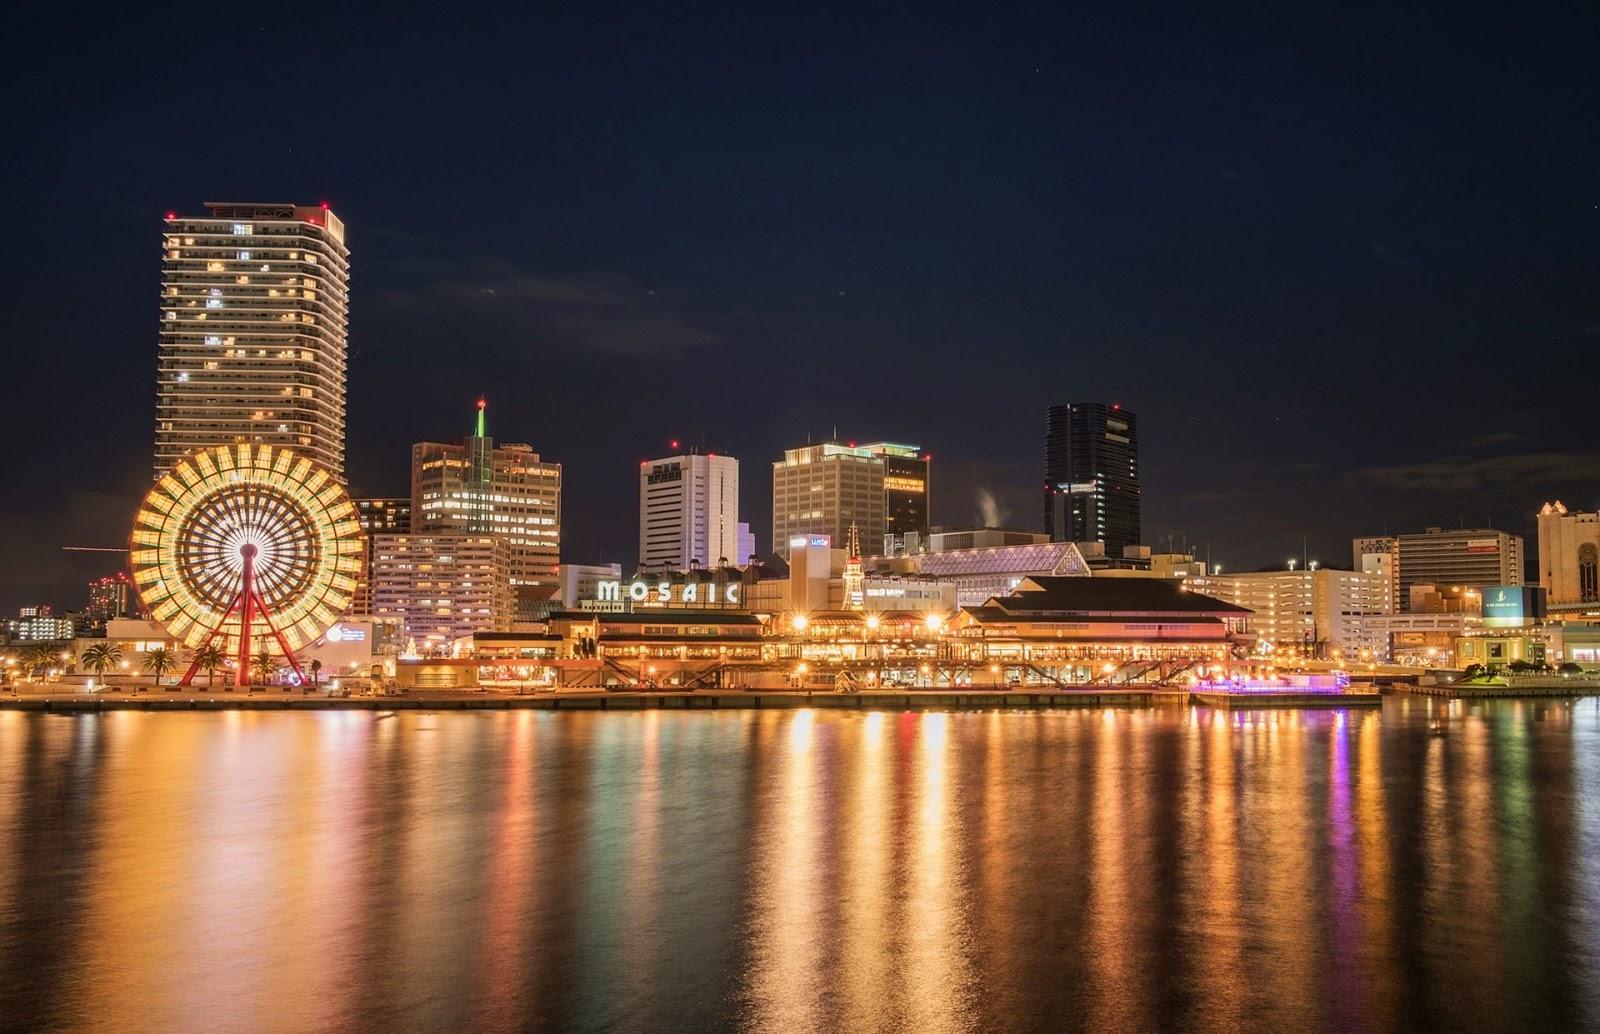 日本-關西-大阪-京都-神戶-夜景-神戶港-奈良-景點-推薦-自由行-旅遊-必玩-必去-必遊-Osaka-Kyoto-Kobe-Nara-Tourist-Attraction-Travel-Japan